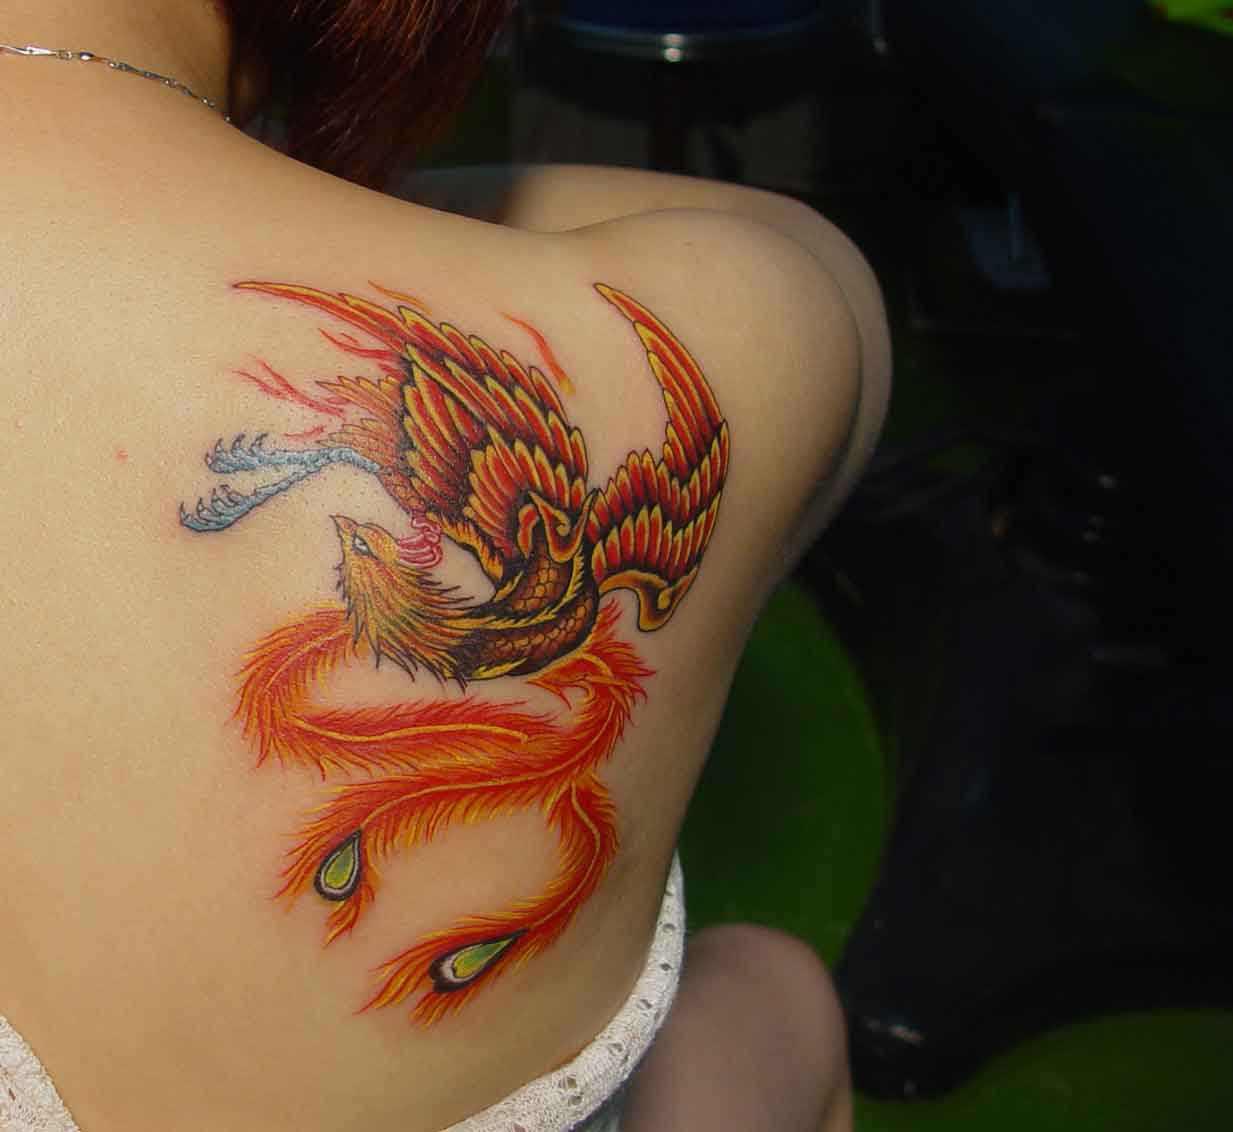 纹身的注意事项,雅诺秀慎重提醒纹身需谨慎!